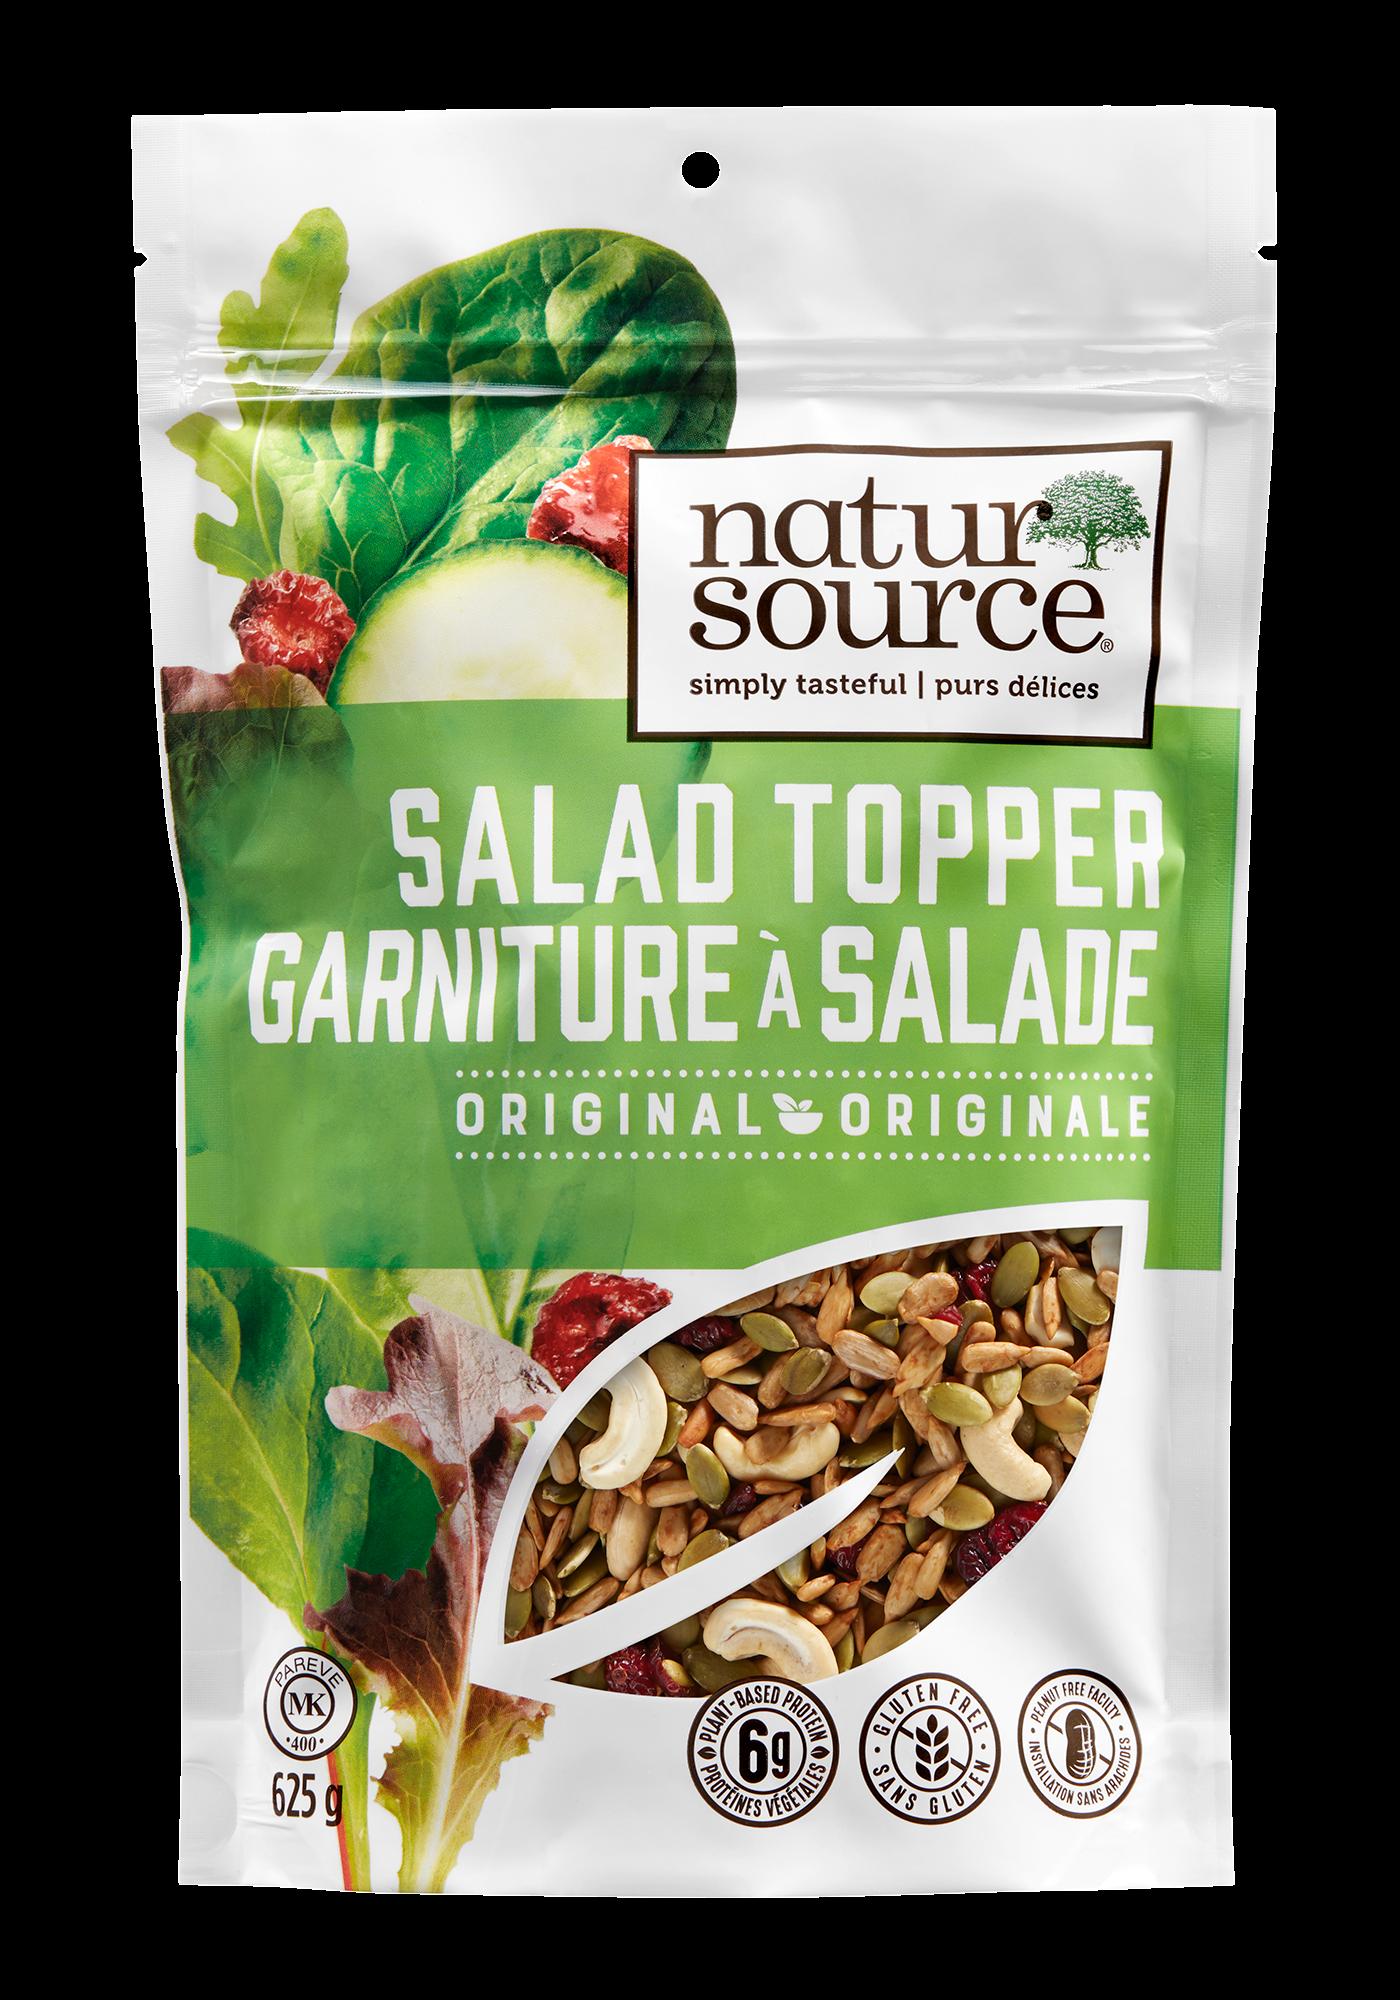 natursource plant-based Original Salad Topper